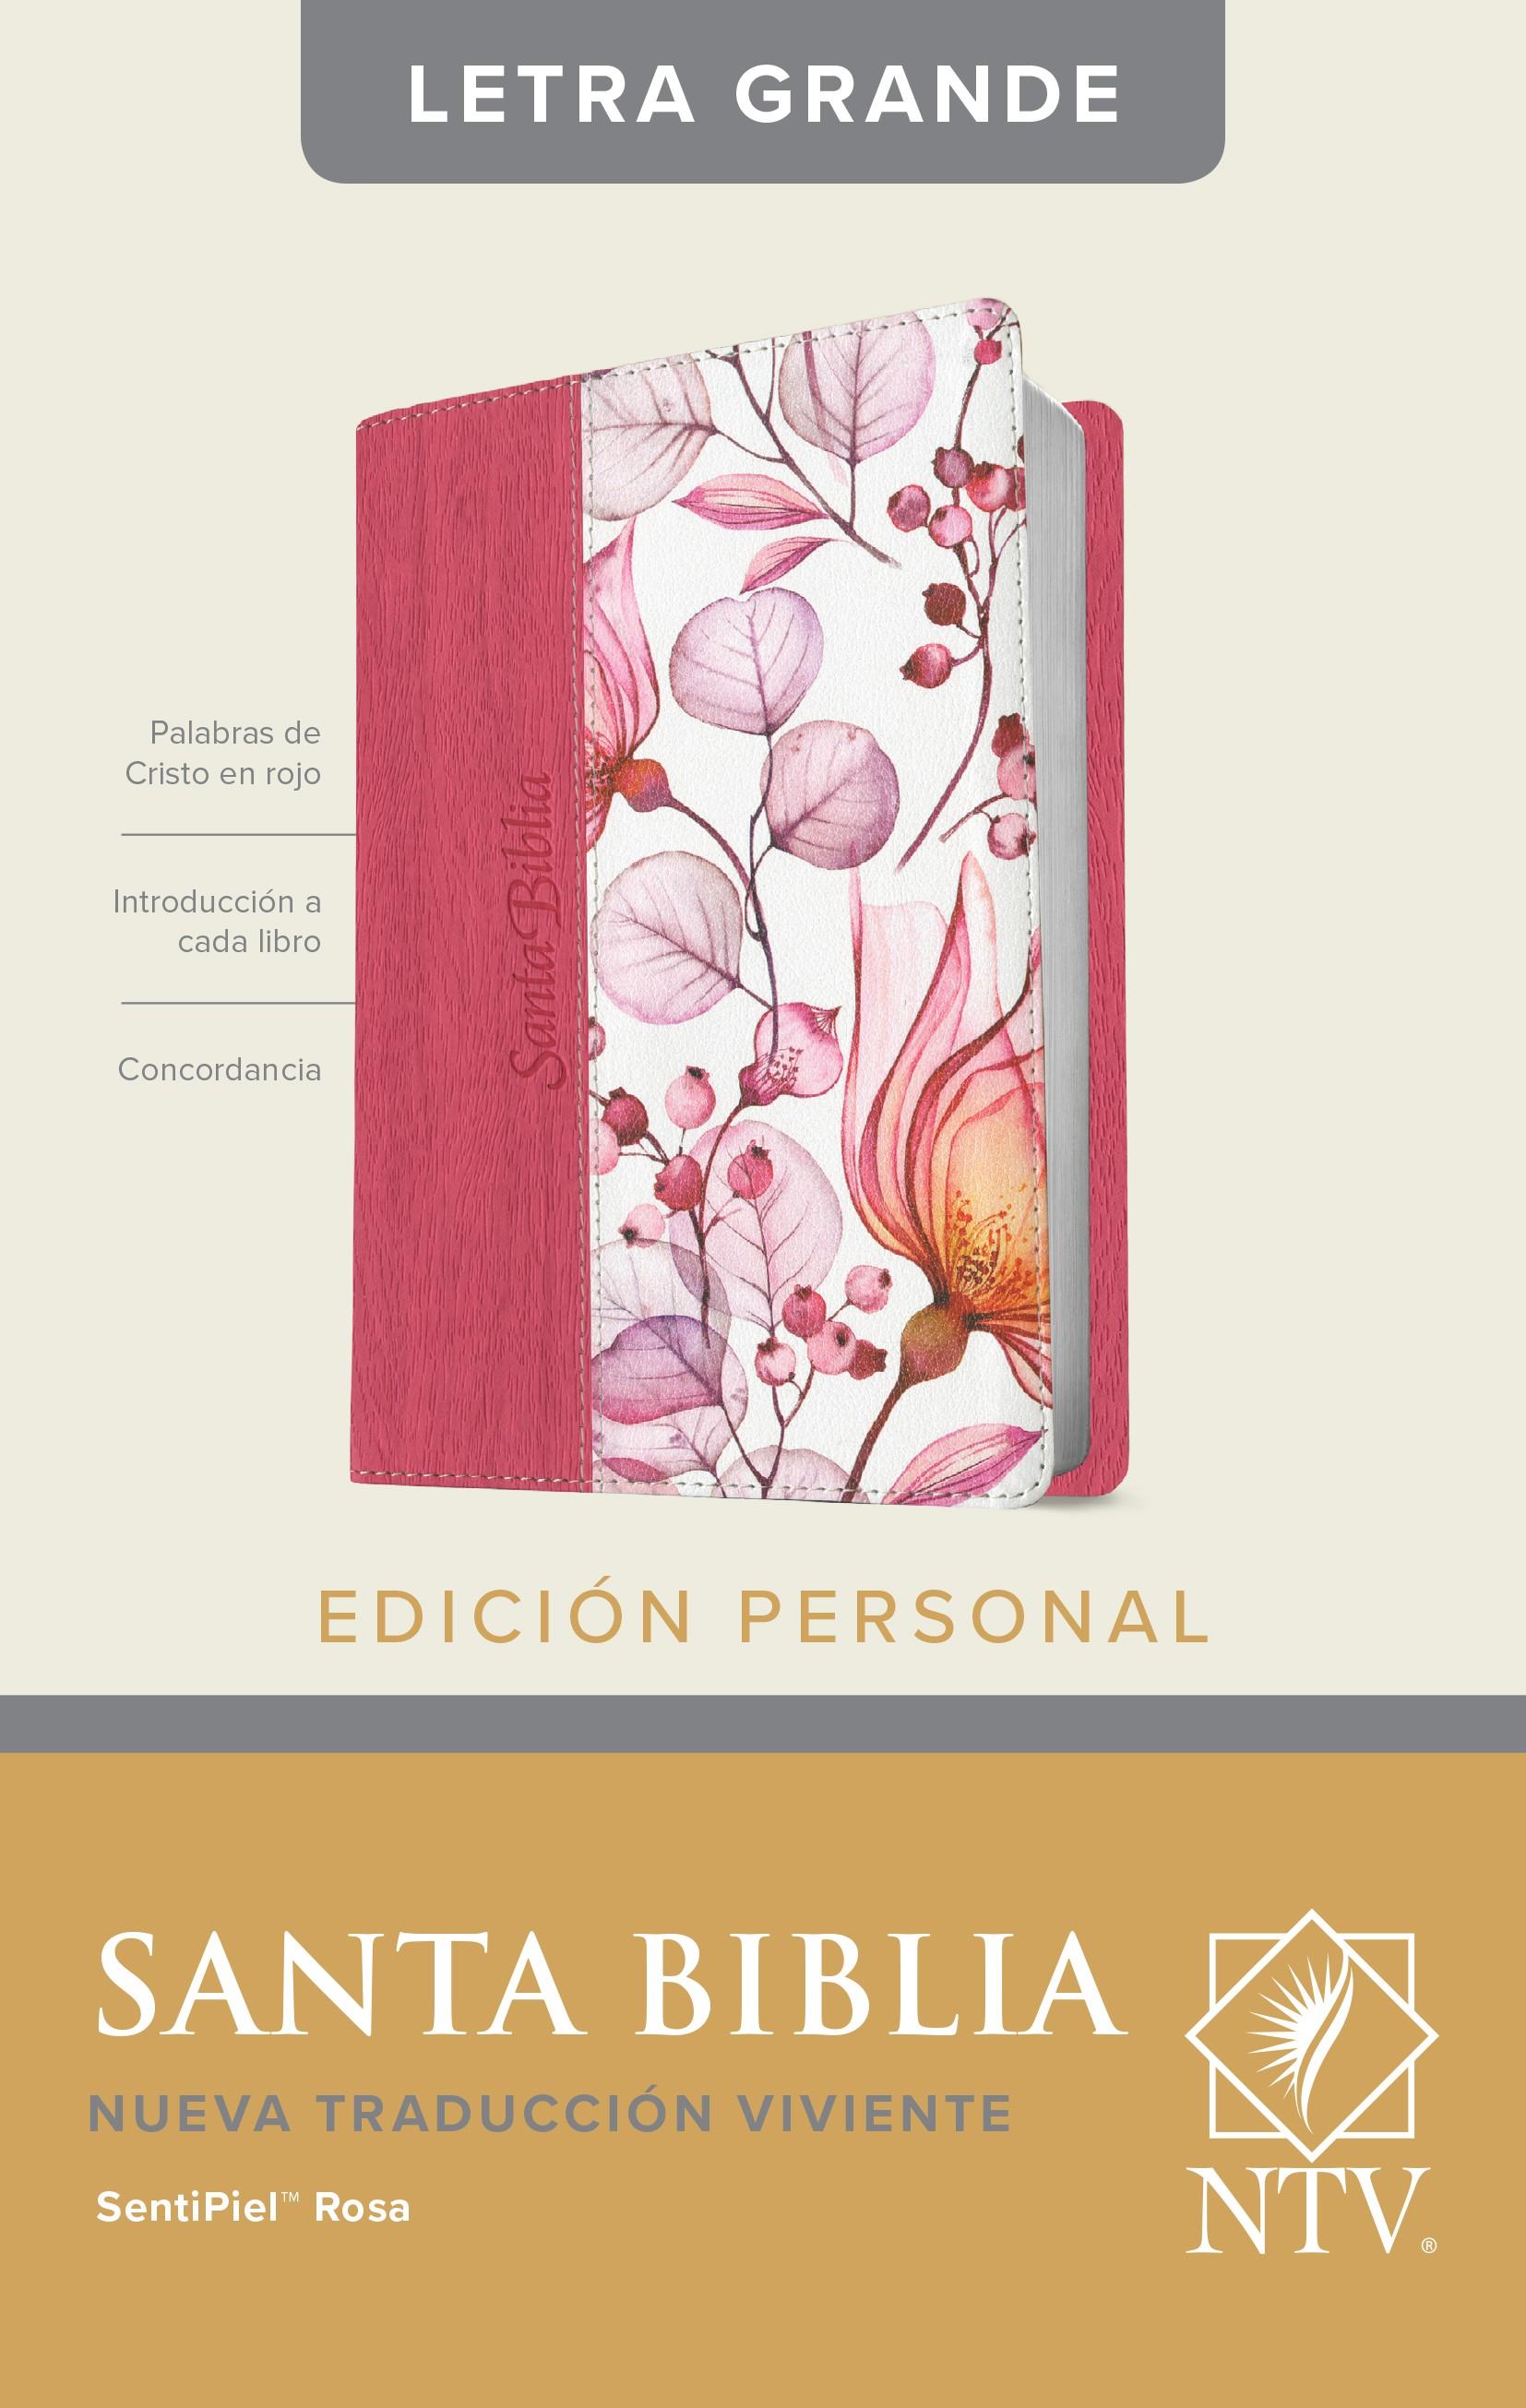 Santa Biblia NTV, Edición personal, letra grande (Letra Roja, SentiPiel, Rosa)